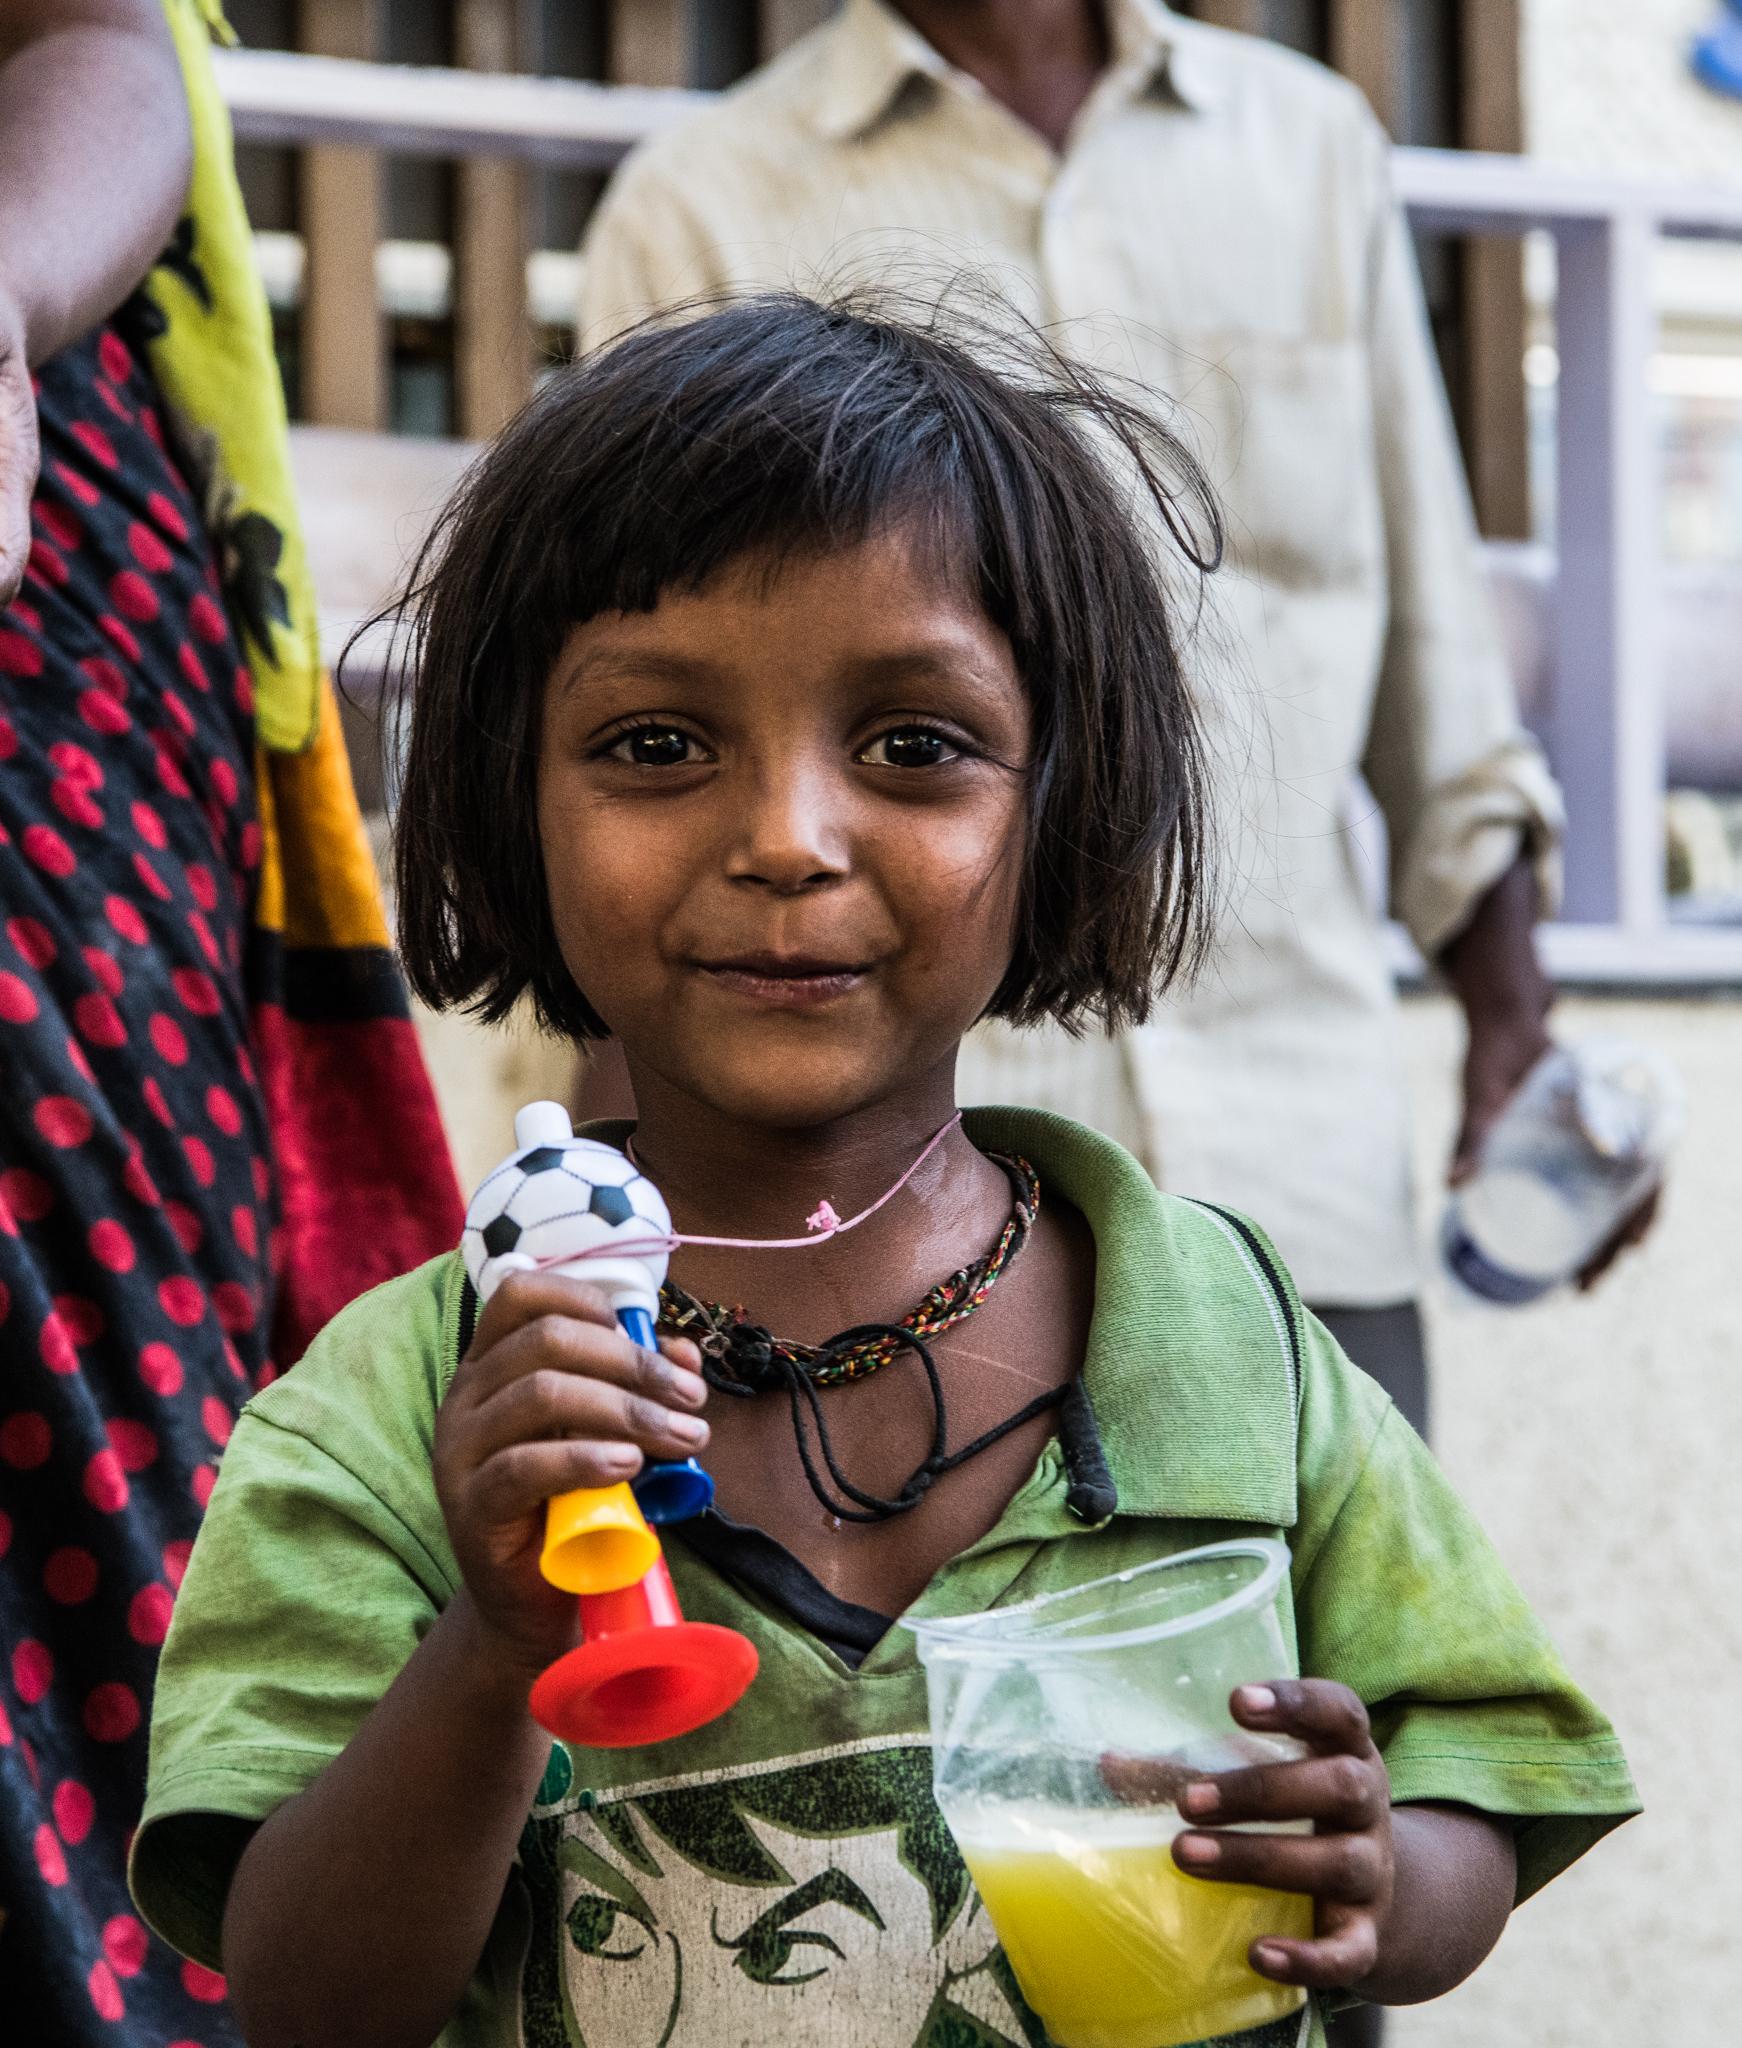 thetravelhub_india_pune-4389.jpg